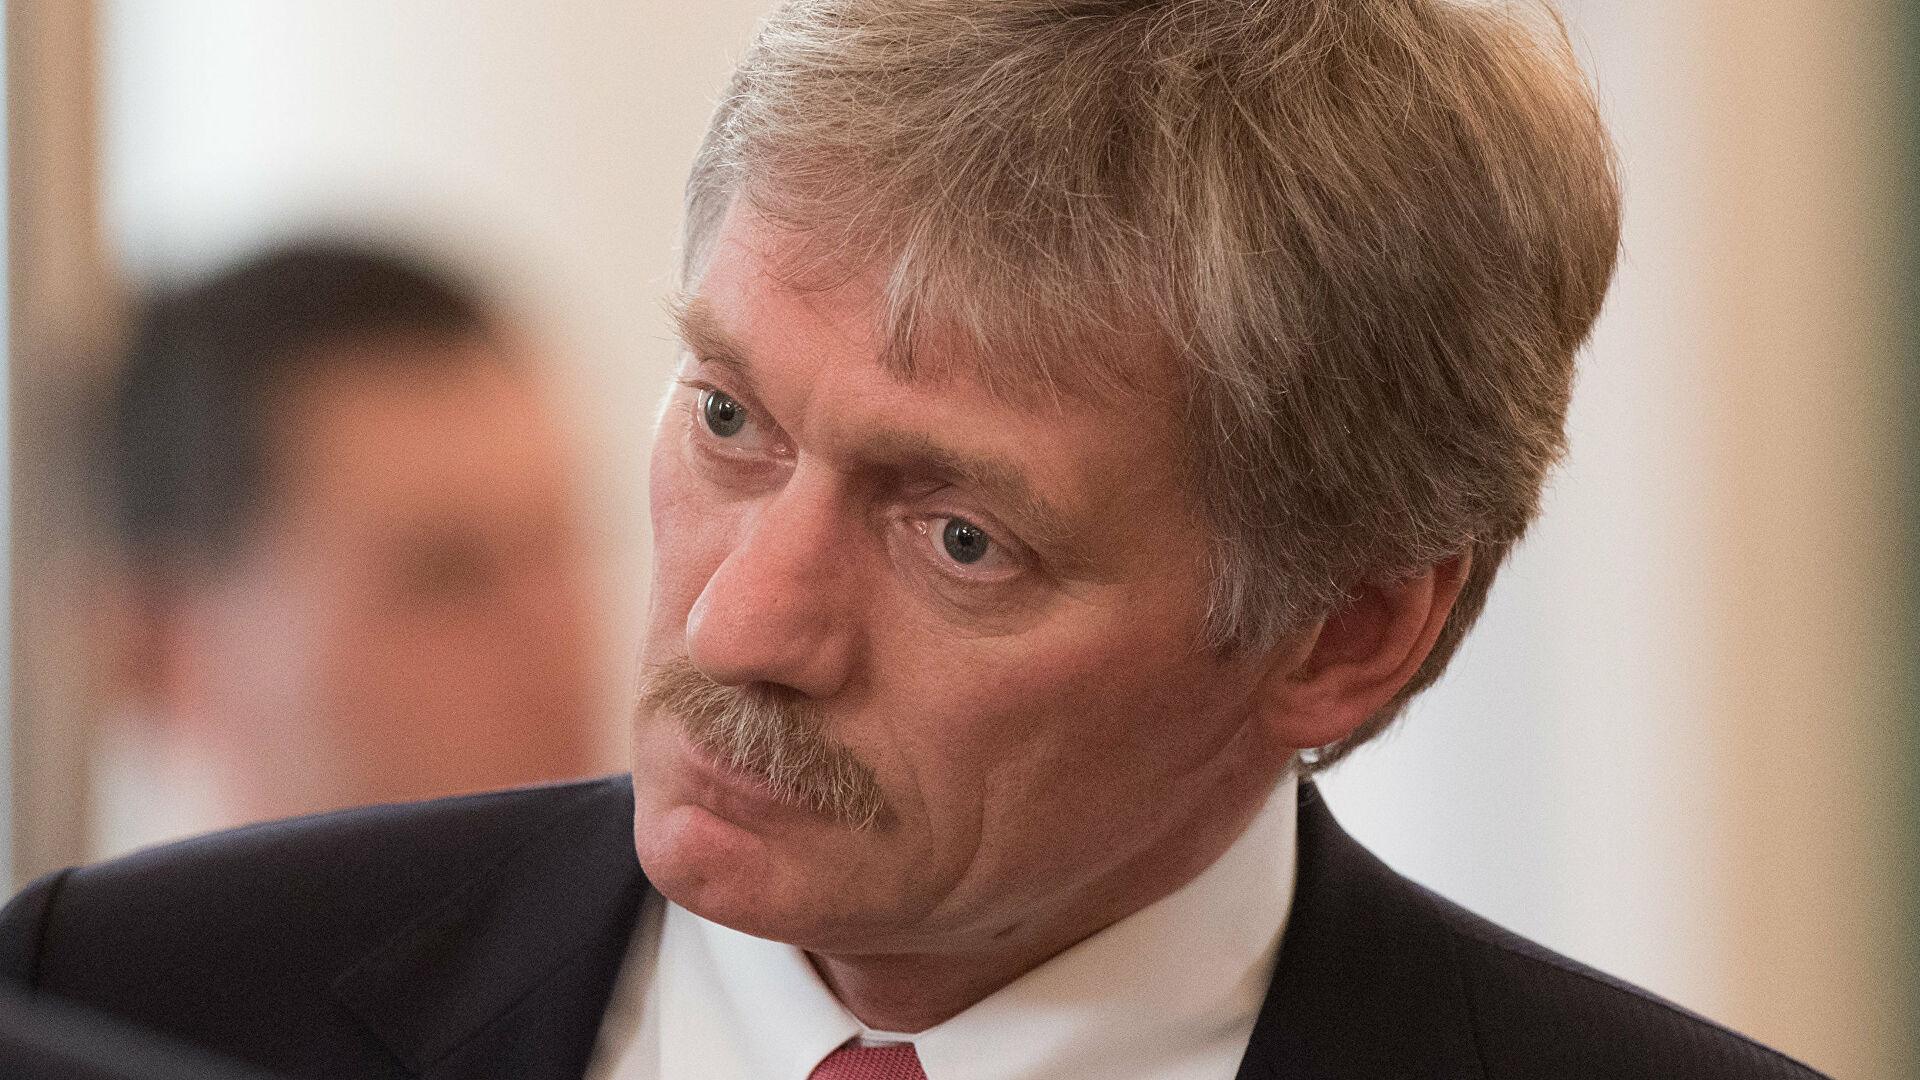 Кремль оценил риски дестабилизации обстановки вГрузии из-за Саакашвили